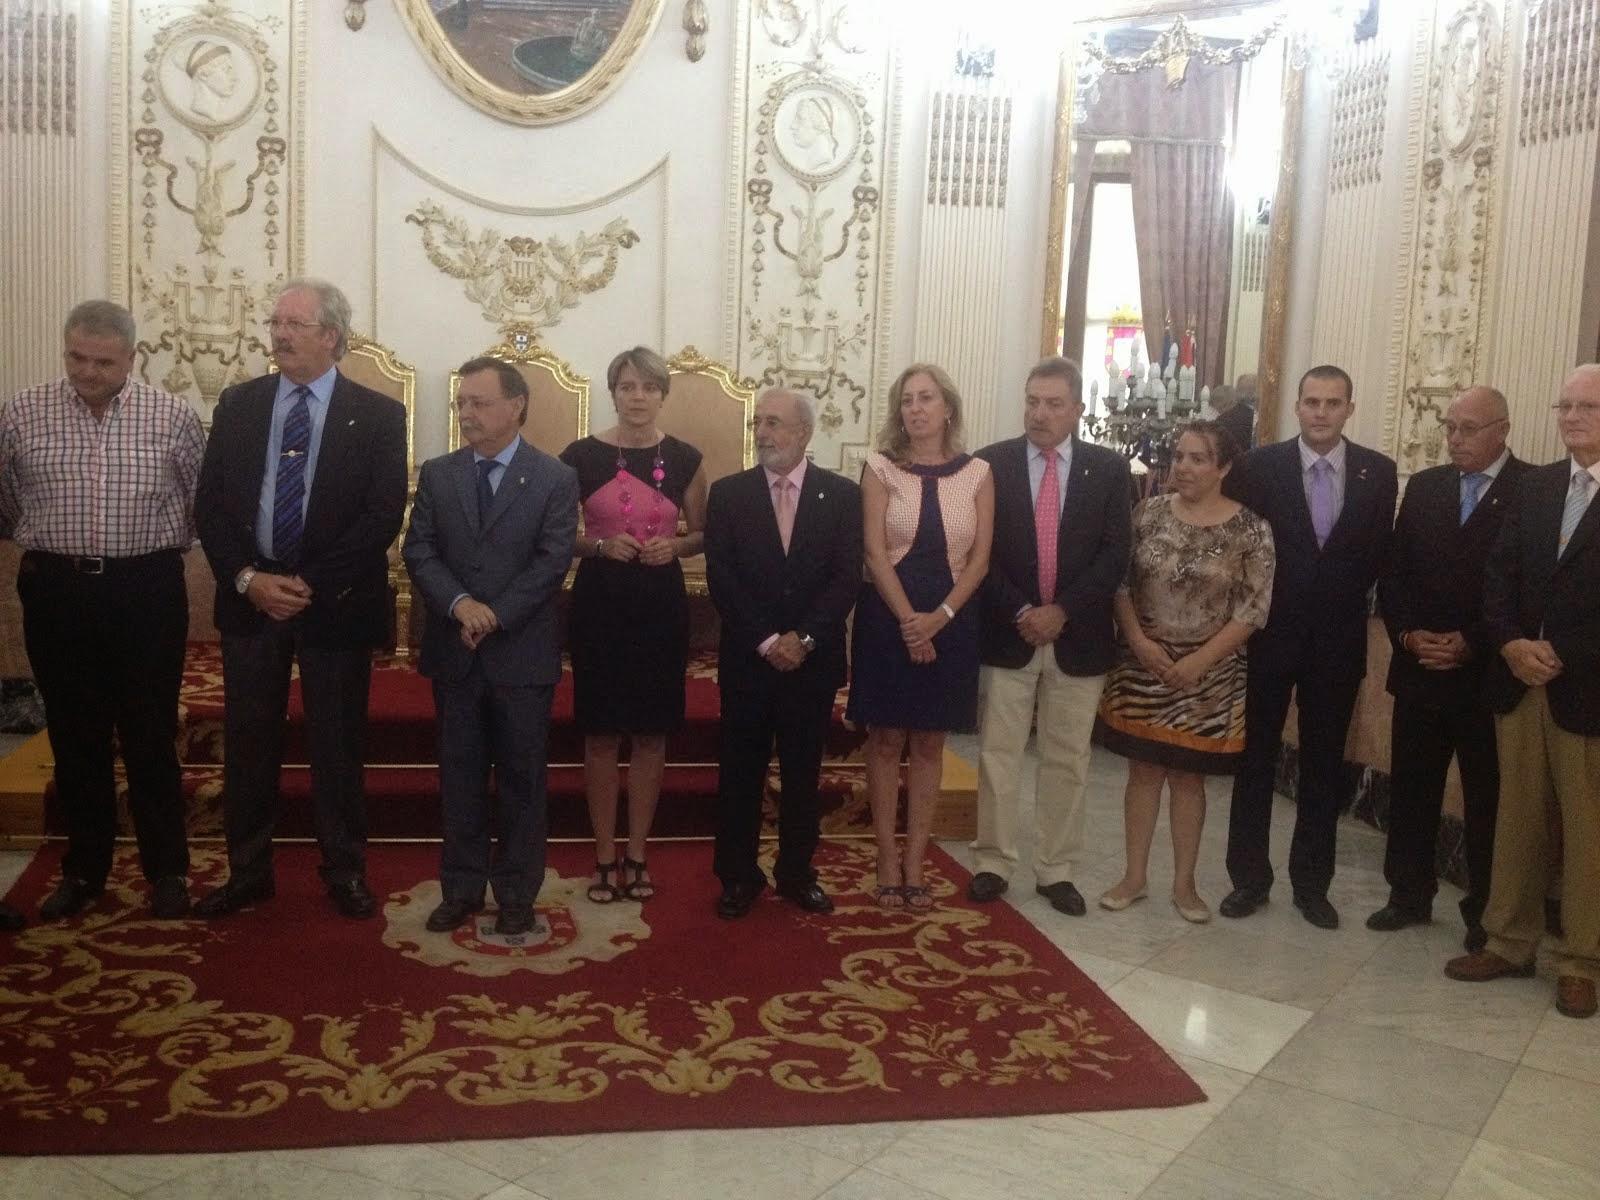 Recepción Casas Regionales de Ceuta 2014 .